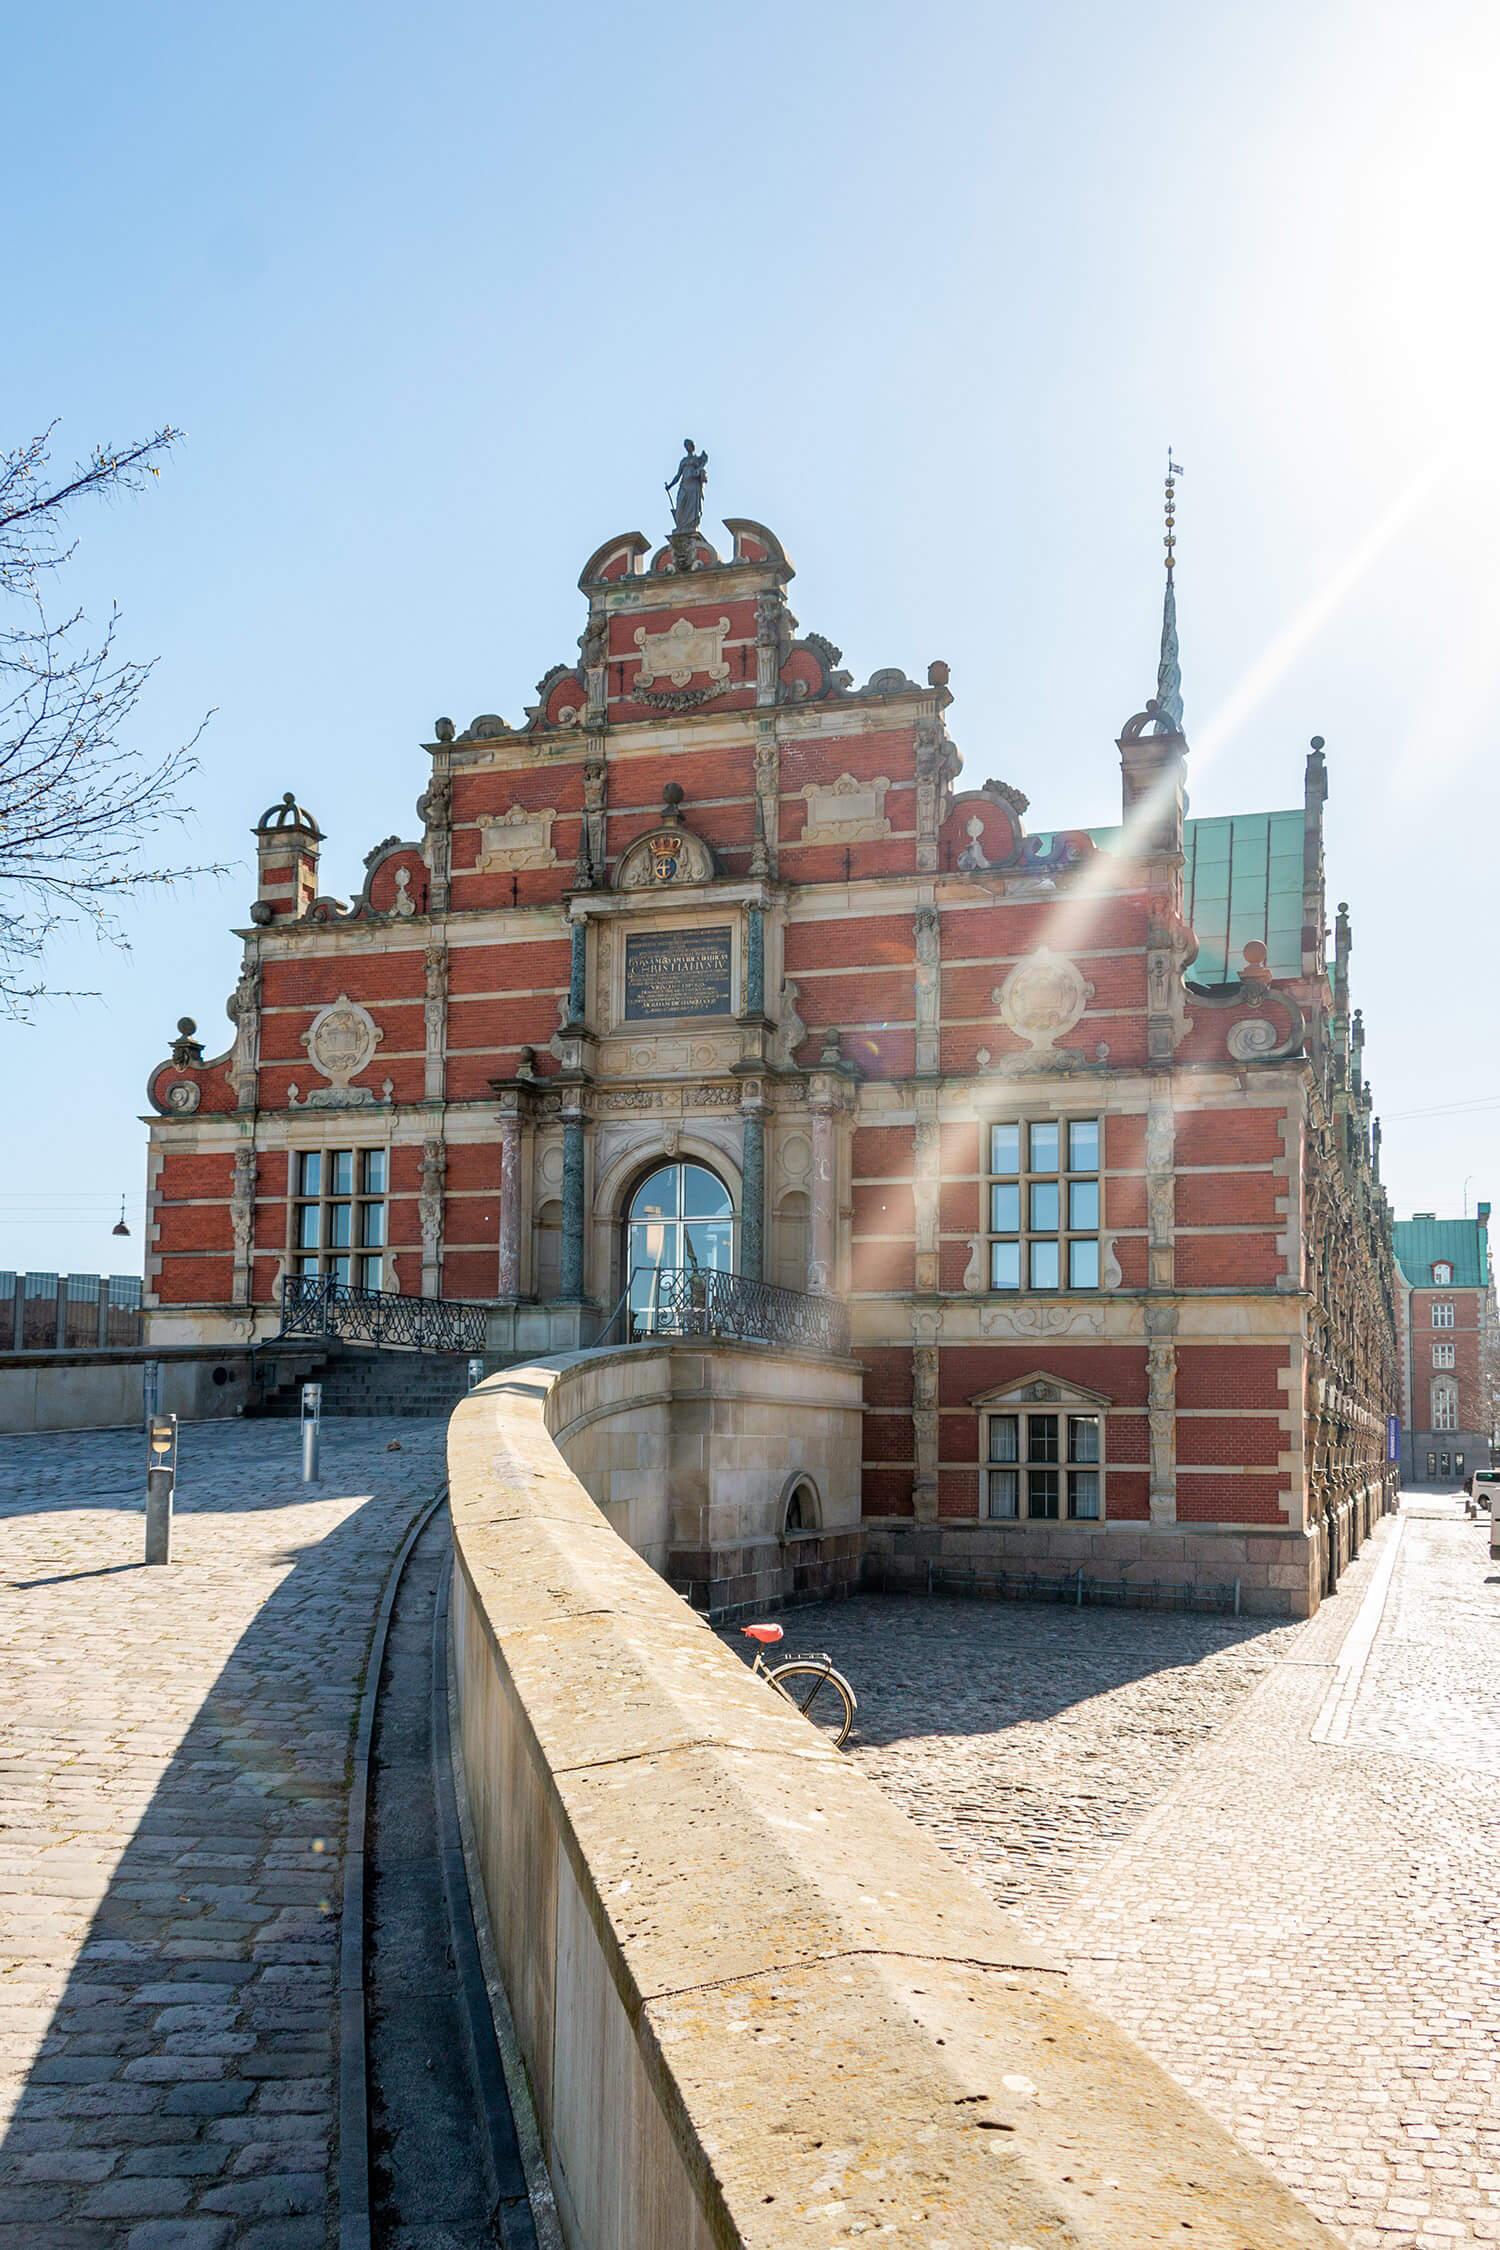 Borsen Palace